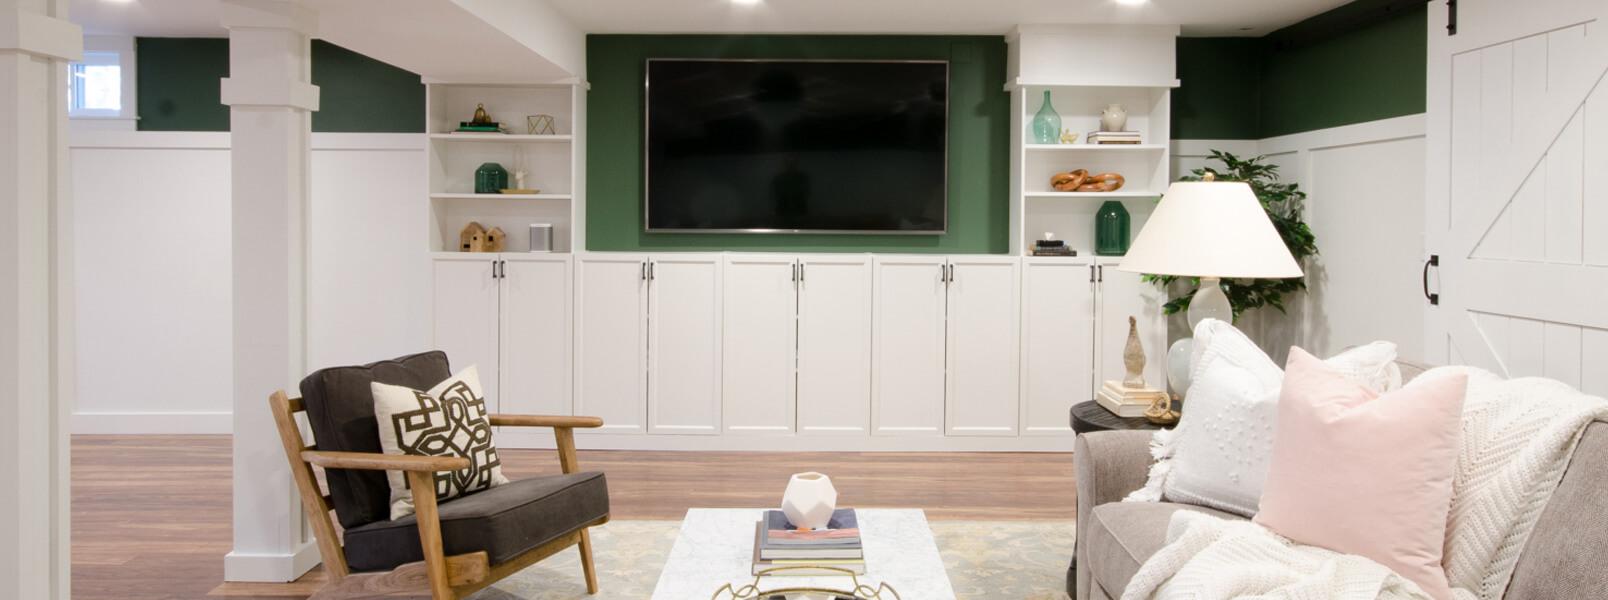 insonorisation du plafond du sous sol pour un bachelor. Black Bedroom Furniture Sets. Home Design Ideas